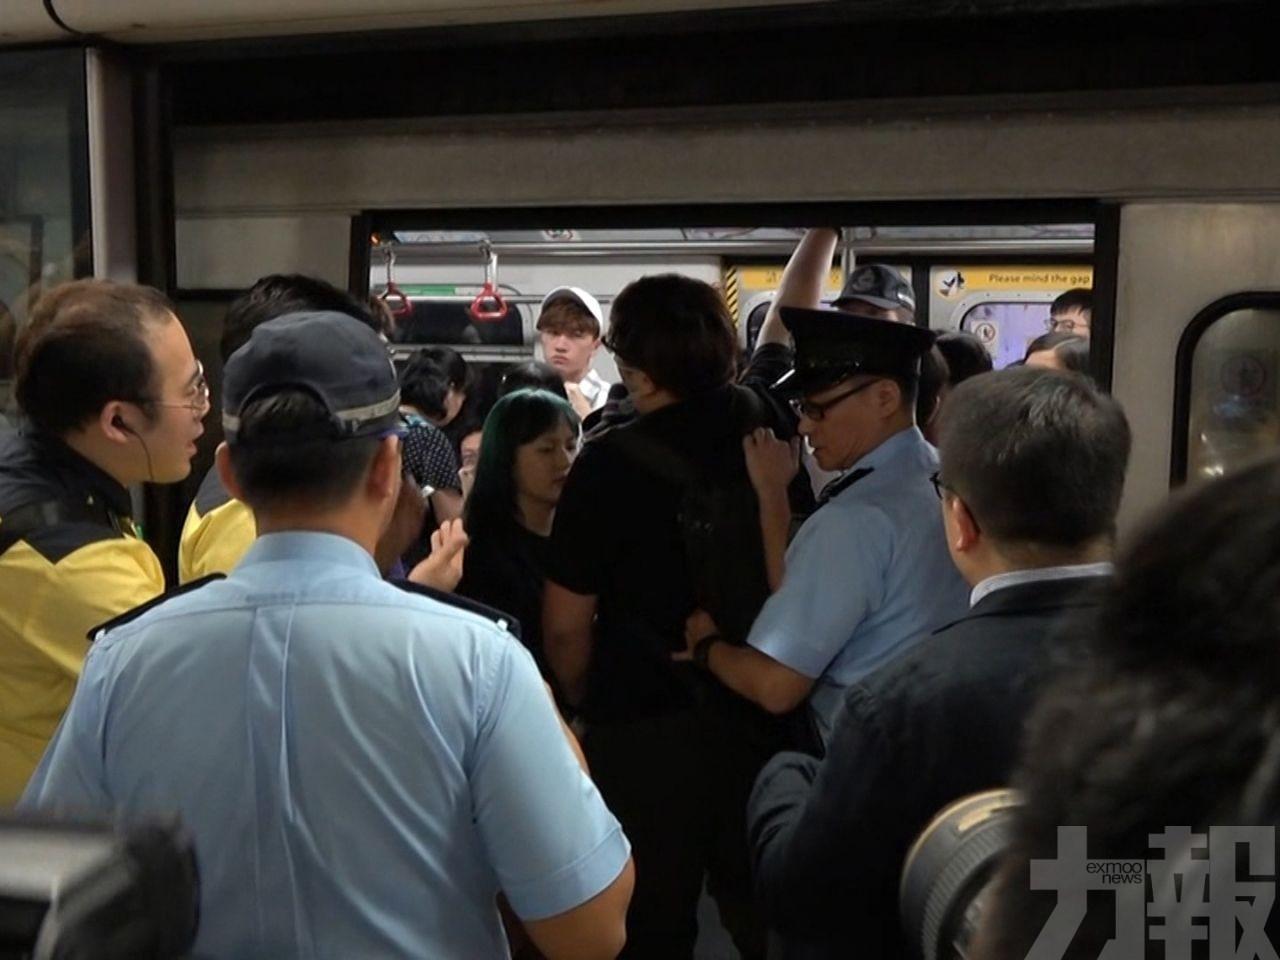 阻擋車門關閉 警員最少將3人拉出車廂